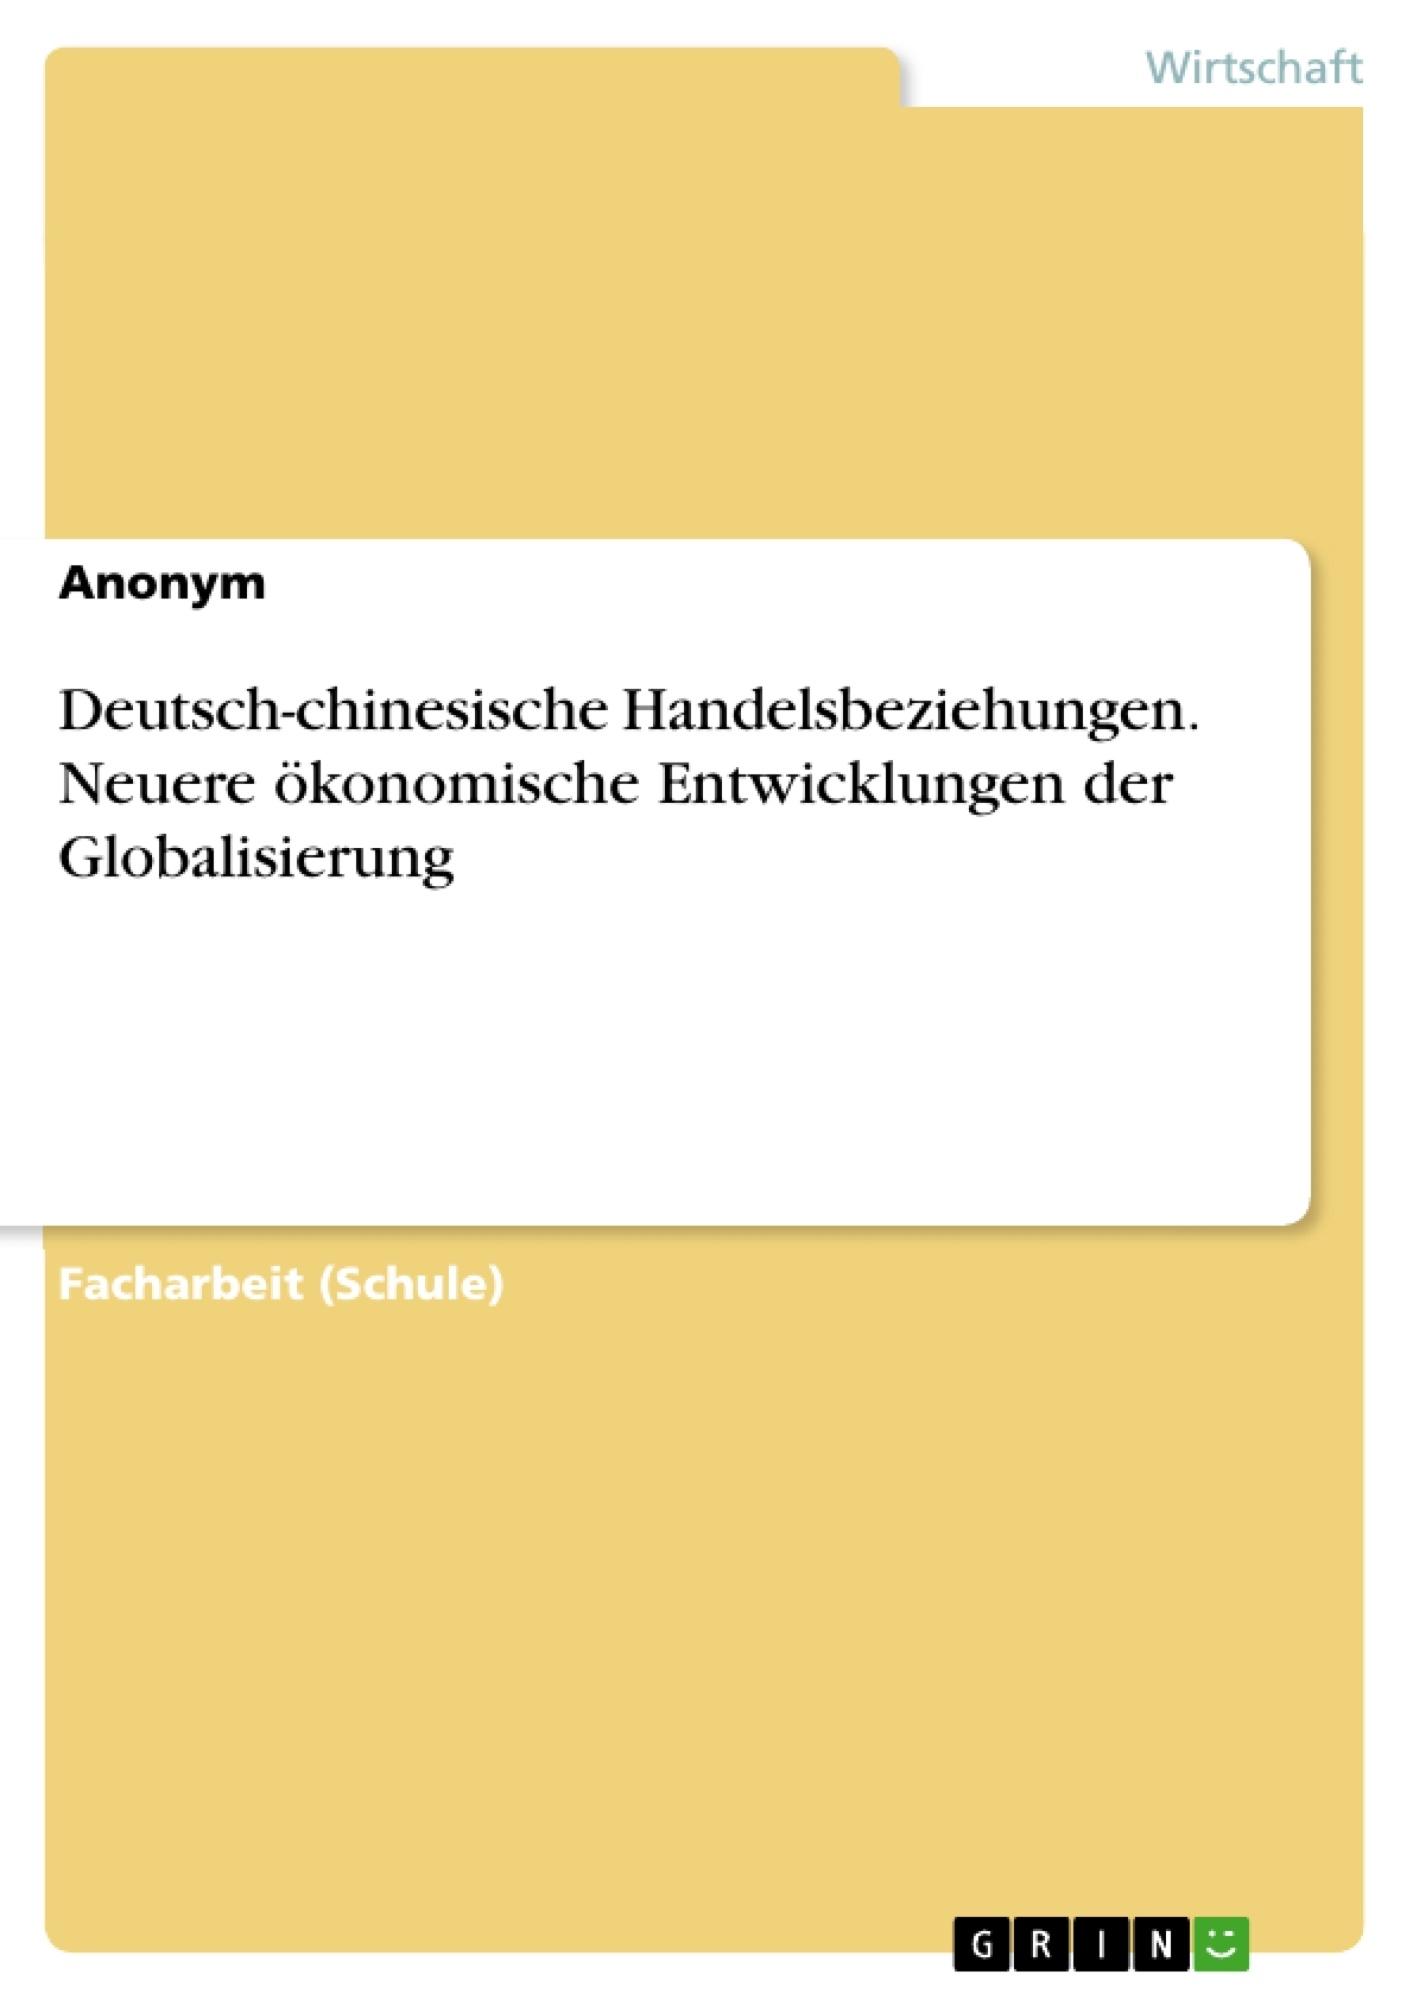 Titel: Deutsch-chinesische Handelsbeziehungen. Neuere ökonomische Entwicklungen der Globalisierung